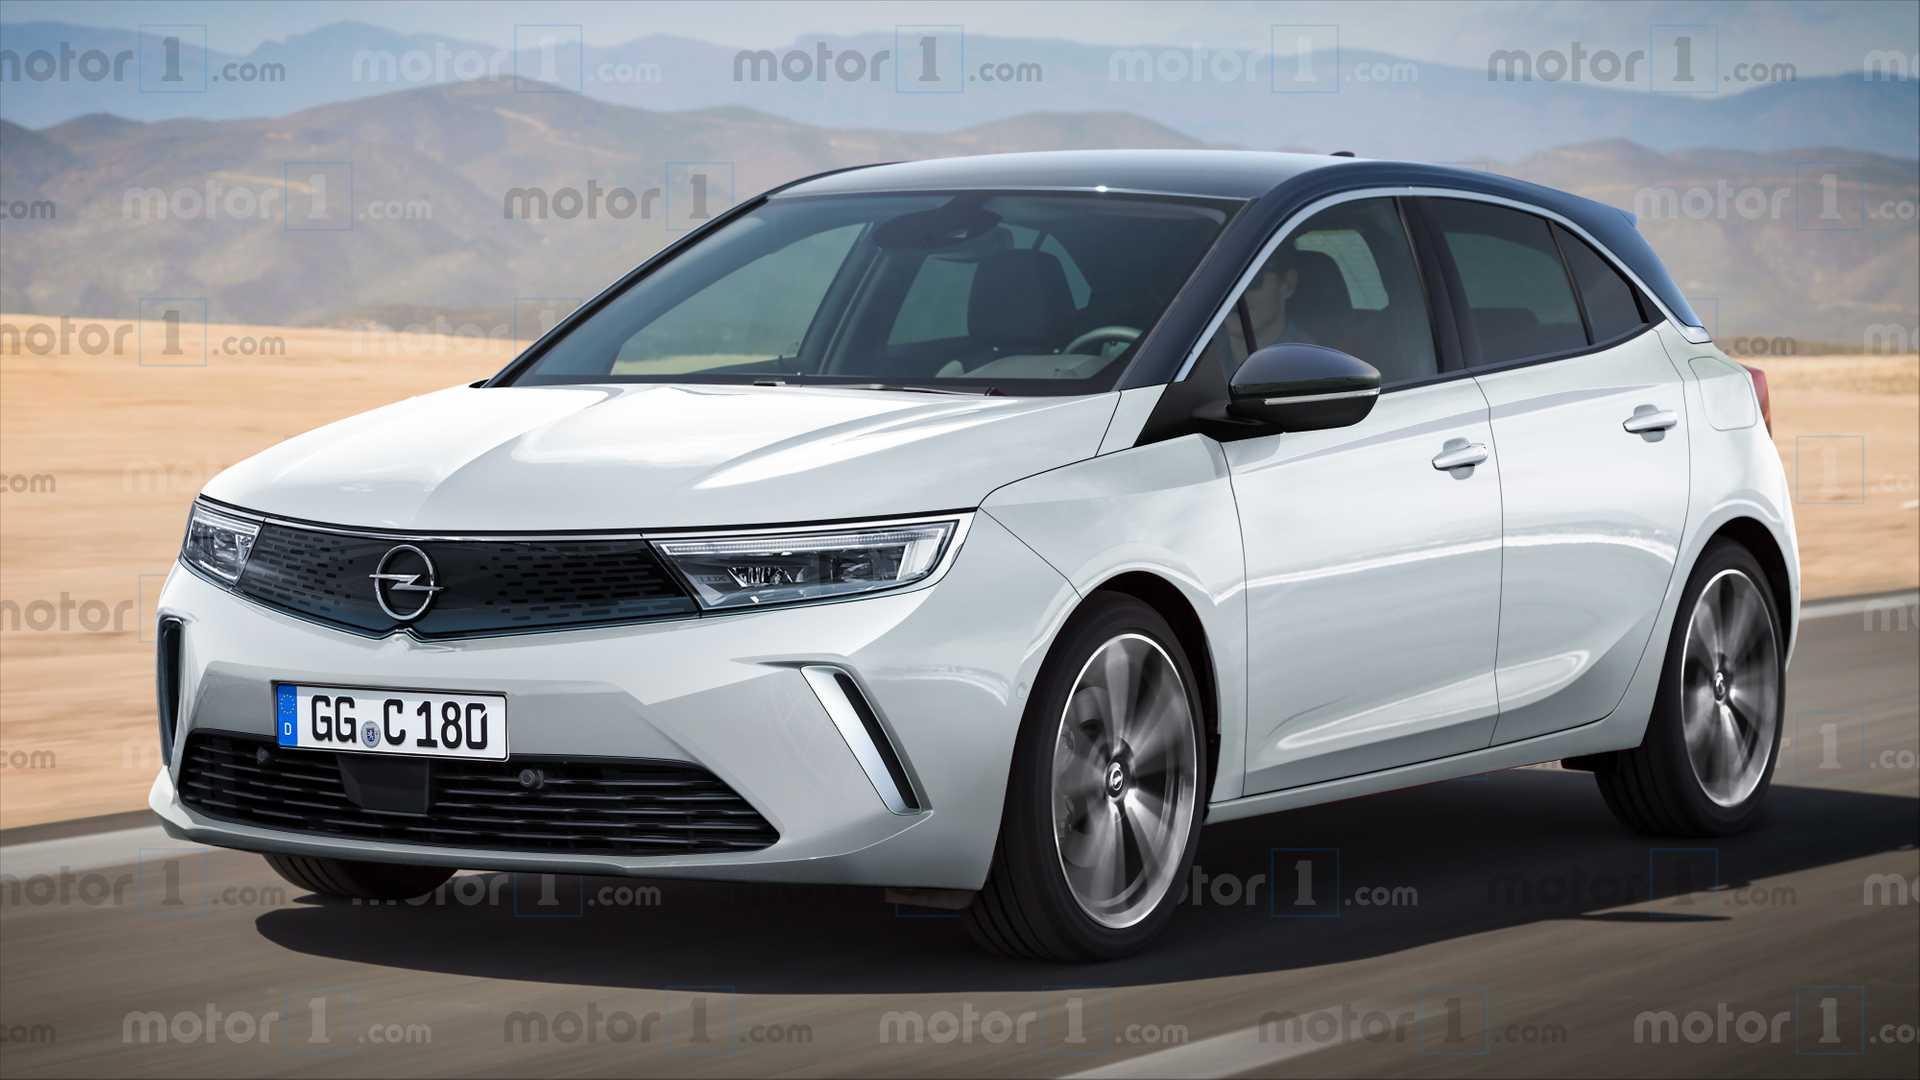 Nuova Opel Astra, in arrivo la OPC ibrida plug-in da 300 CV